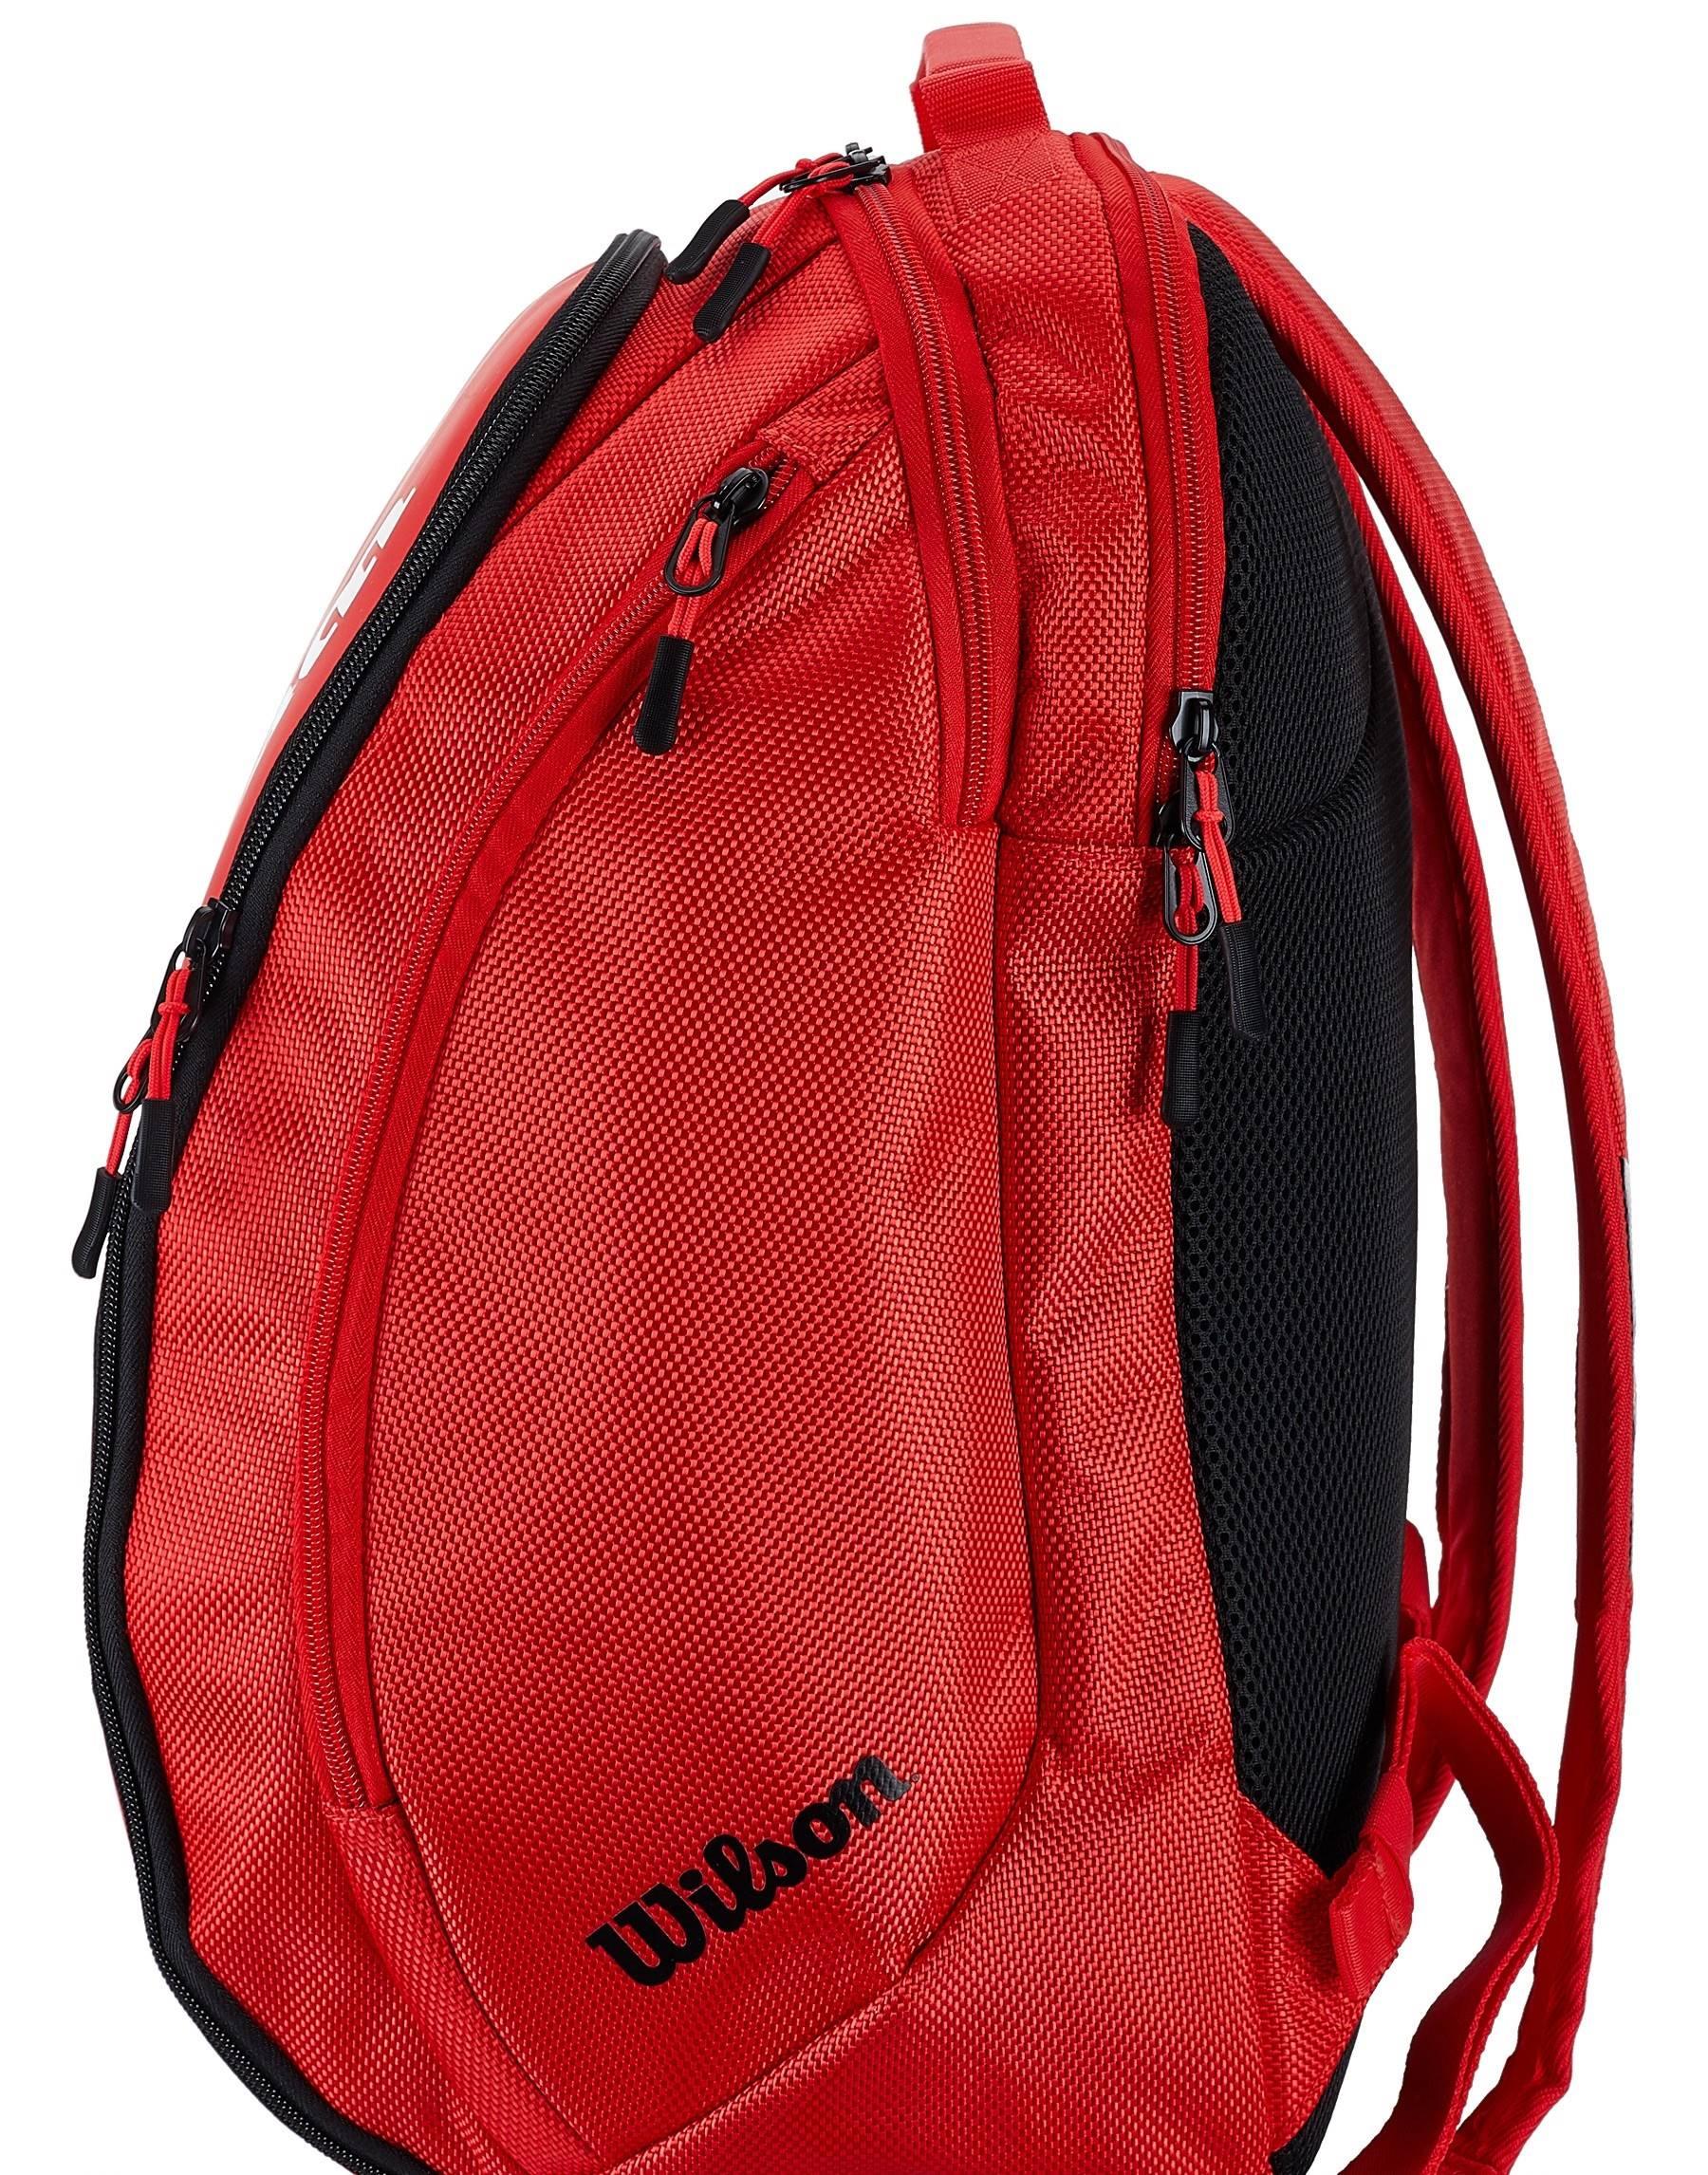 Wilson Federer DNA Backpack Bag - Red